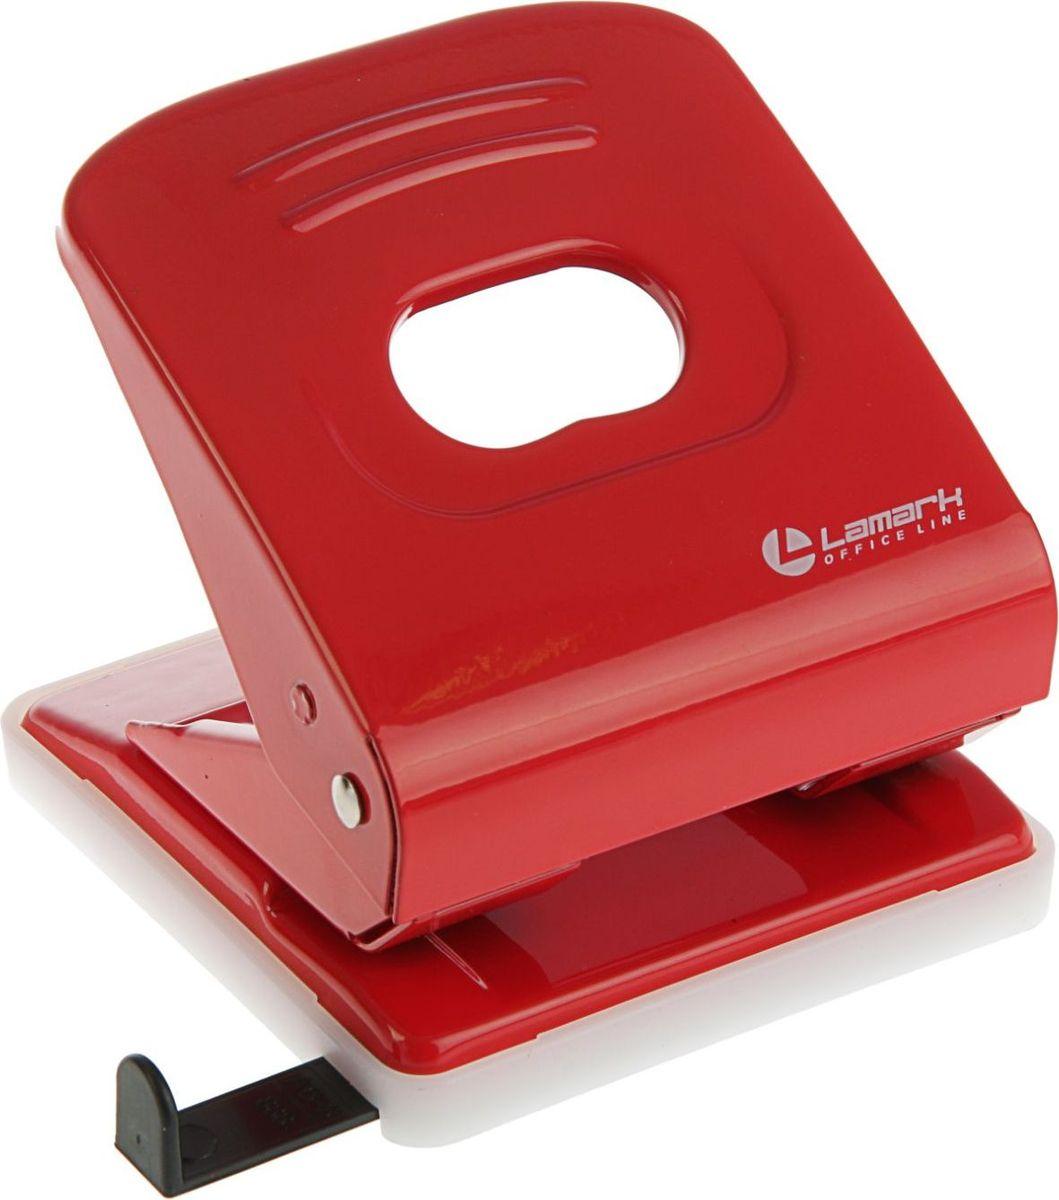 Lamark Дырокол Mettallic с линейкой на 30 листов цвет красный2325212Удобный и практичный дырокол Lamark Mettallic- незаменимый офисный инструмент. Стильный эргономичный дизайн создаст приятное настроение на рабочем столе. Дырокол в надежном металлическом корпусе предназначен для одновременной перфорации до 30 листов бумаги. Удобство обеспечивает нескользящее основание и съемный резервуар для обрезков бумаги. Для выравнивания листов предусмотрена выдвижная линейка.